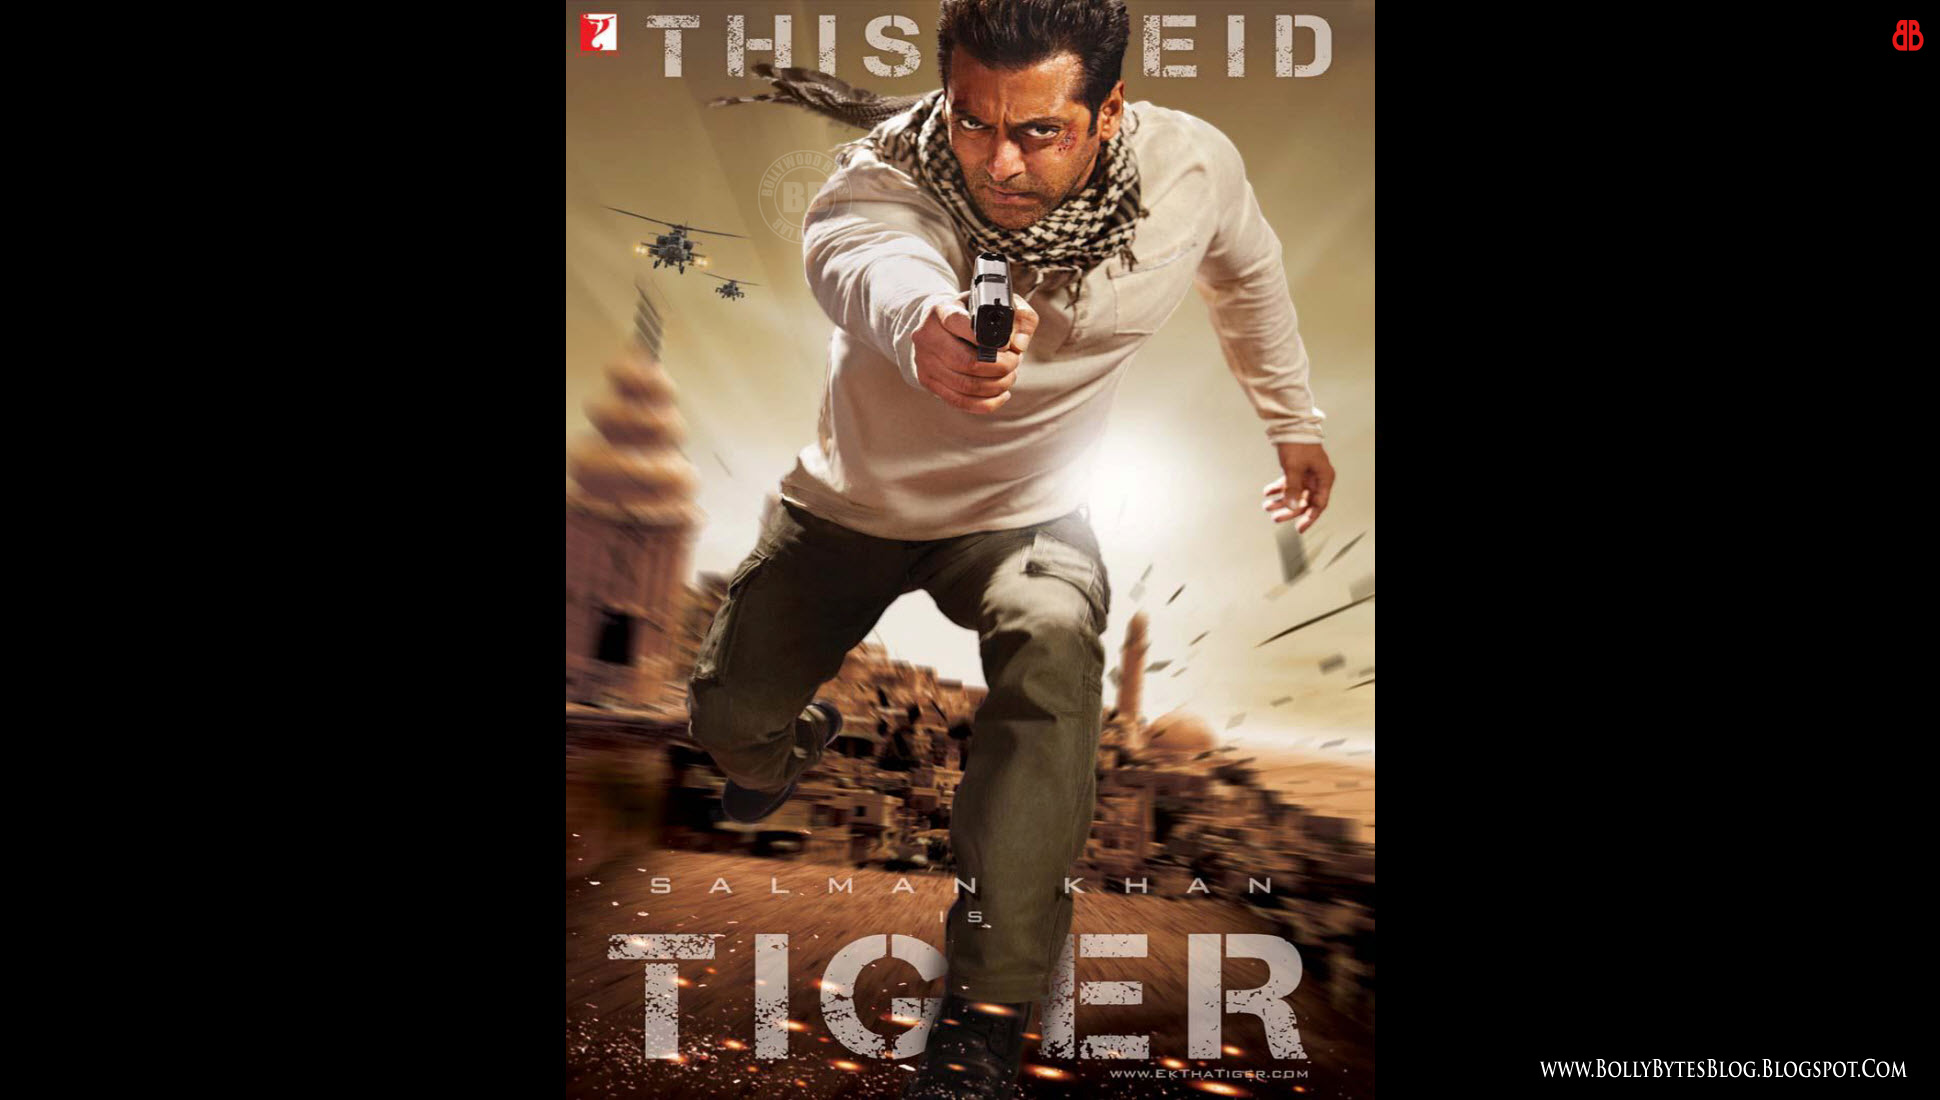 http://2.bp.blogspot.com/-PDdTpxajsZw/T601dYn4dkI/AAAAAAAAIcM/oe1pdr-Tea0/s1940/Ek-Tha-Tiger-Salman-Khan-HQ-Wallpapers-02.jpg